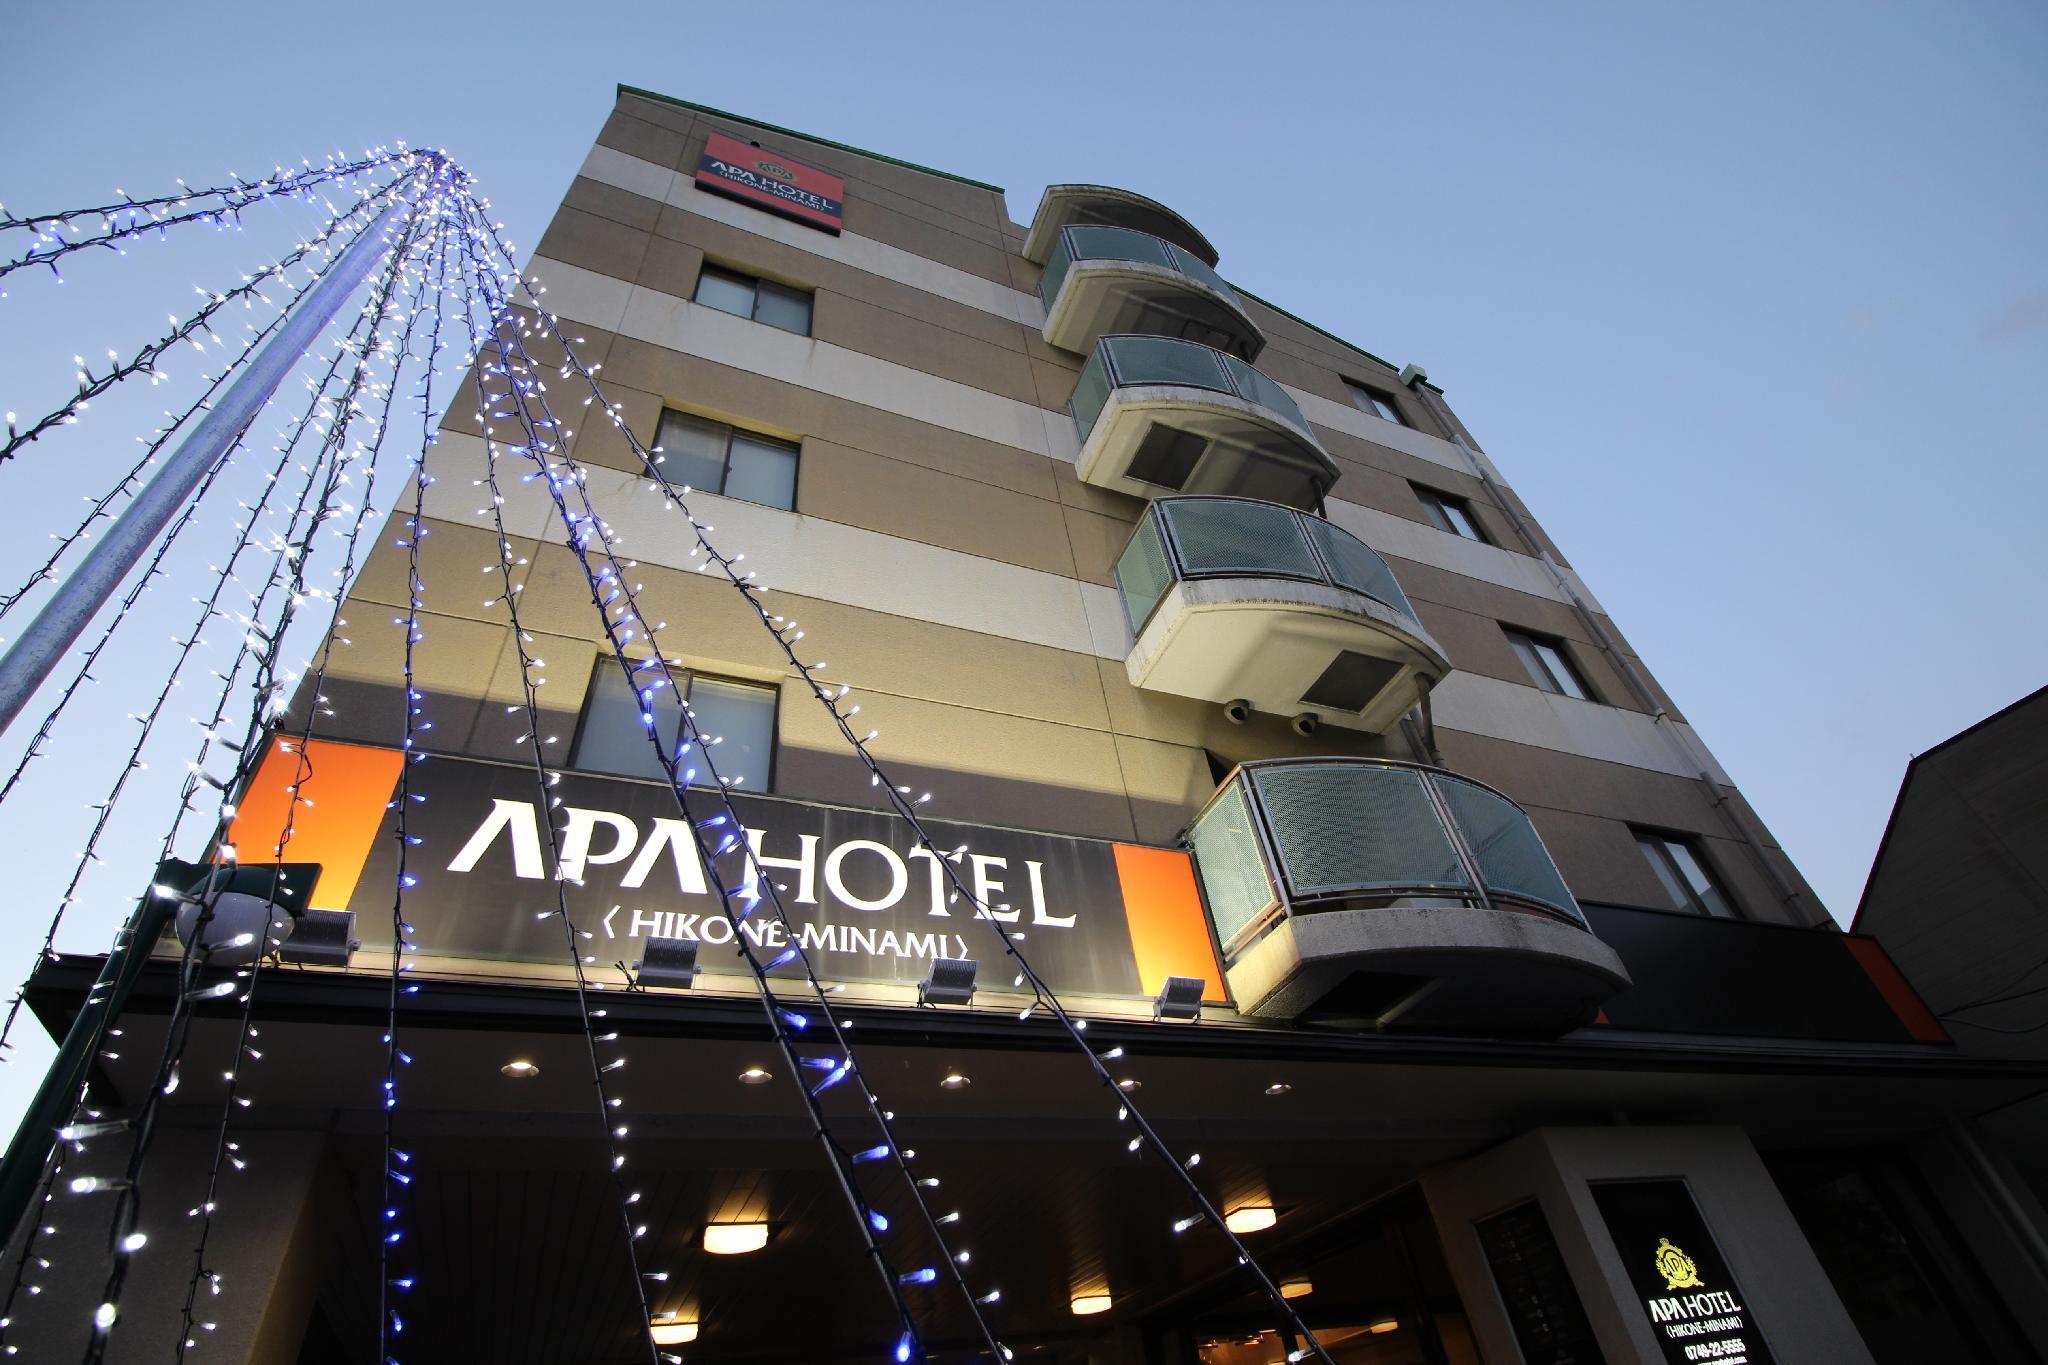 APA Hotel Hikone Minami